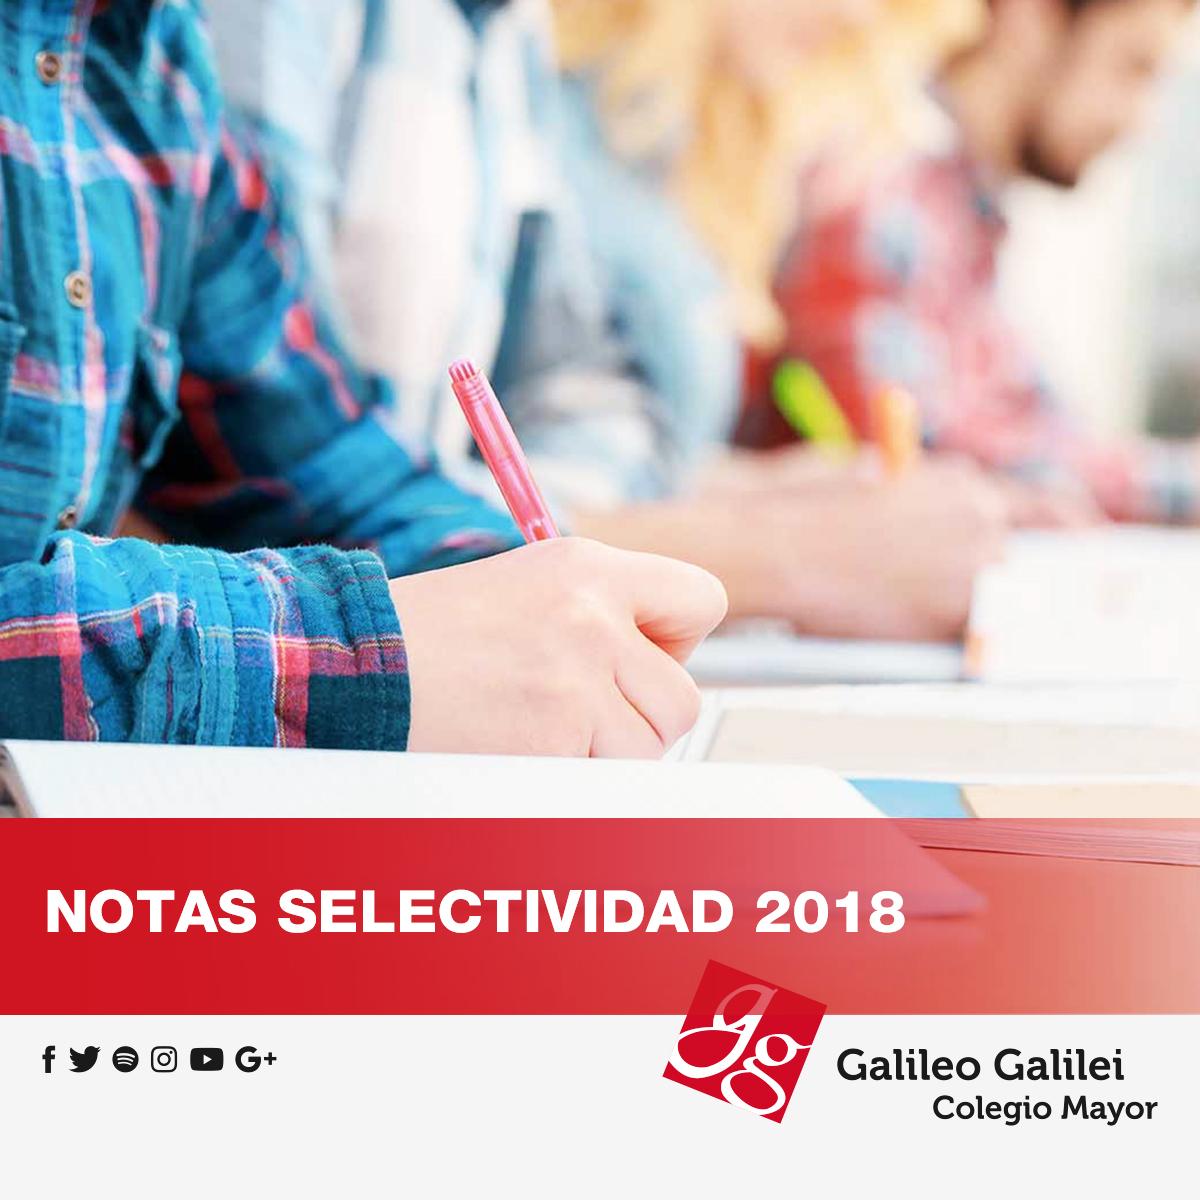 Notas Selectividad Colegio Mayor en Valencia Galileo Galilei